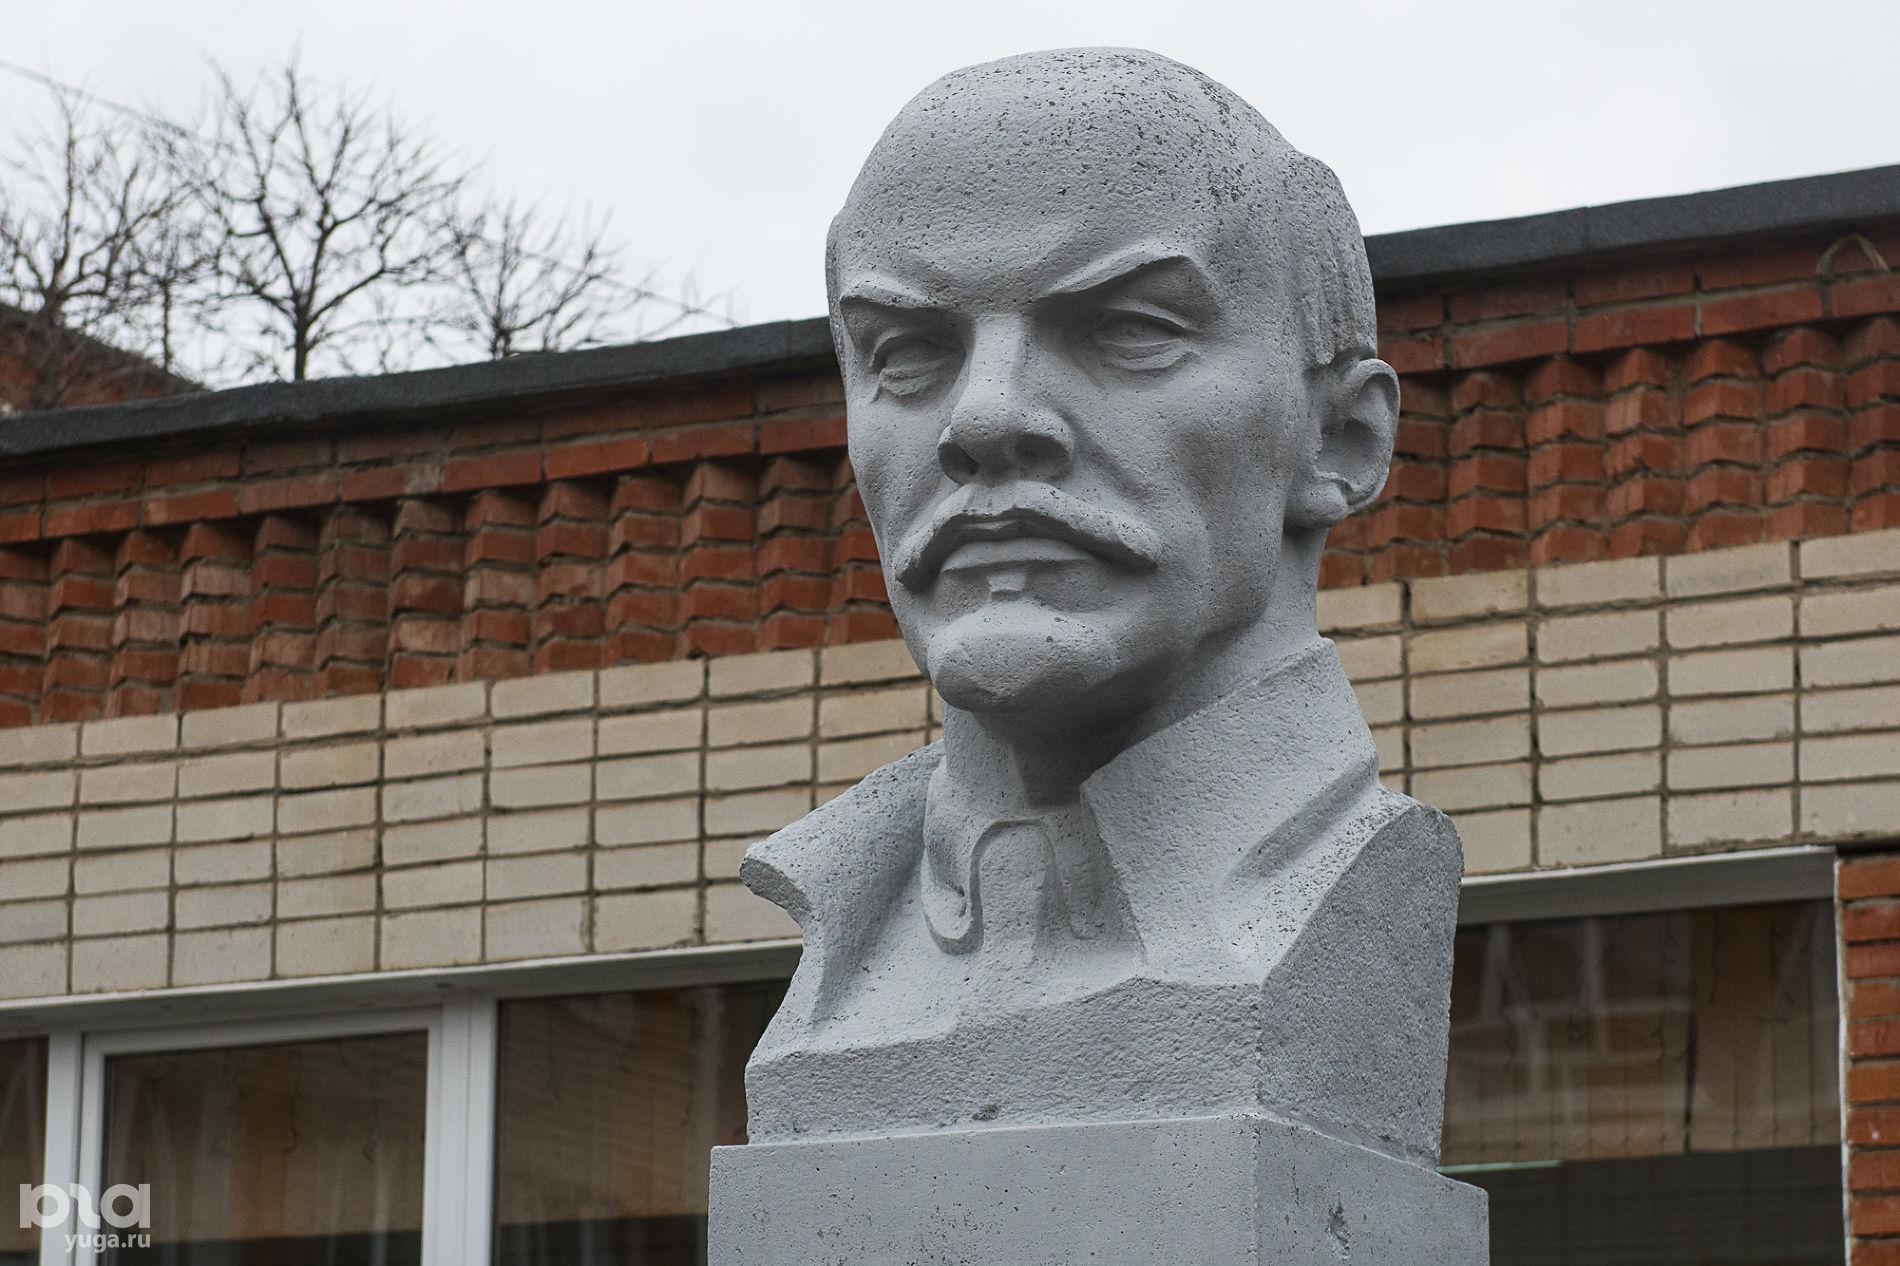 Бюст Ленина на территории школы № 43 ©Фото Елены Синеок, Юга.ру